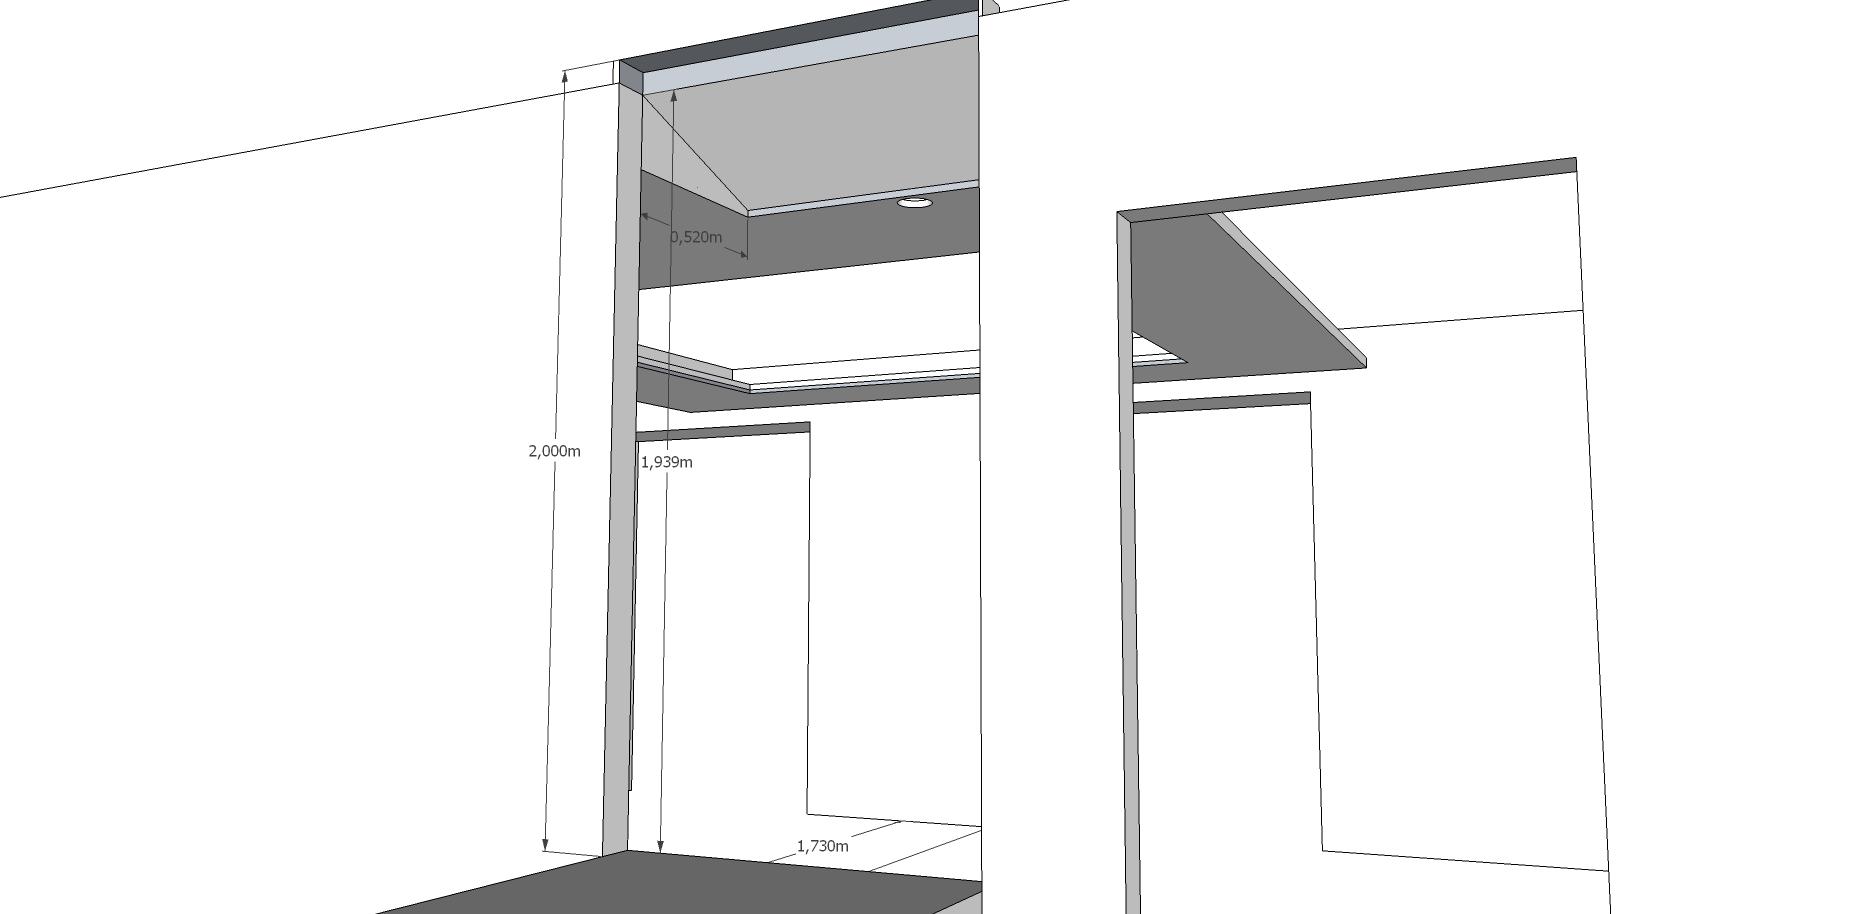 Konzept abgehängte Decke v0.4 - Nun mit Schräge zum Treppenaufgang